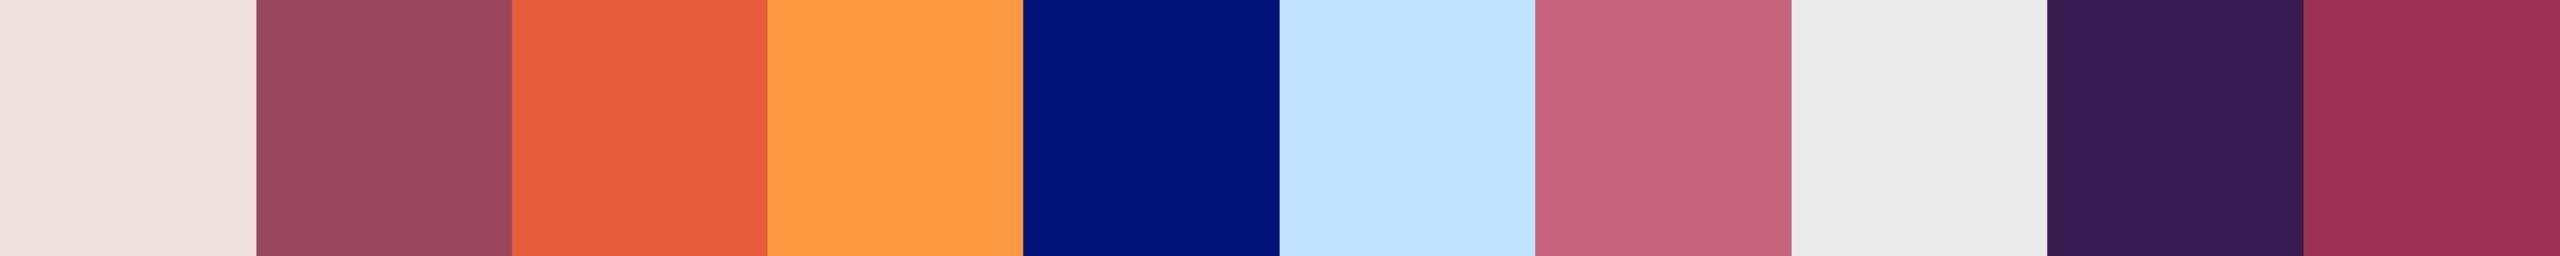 268 Vefadia Color Palette